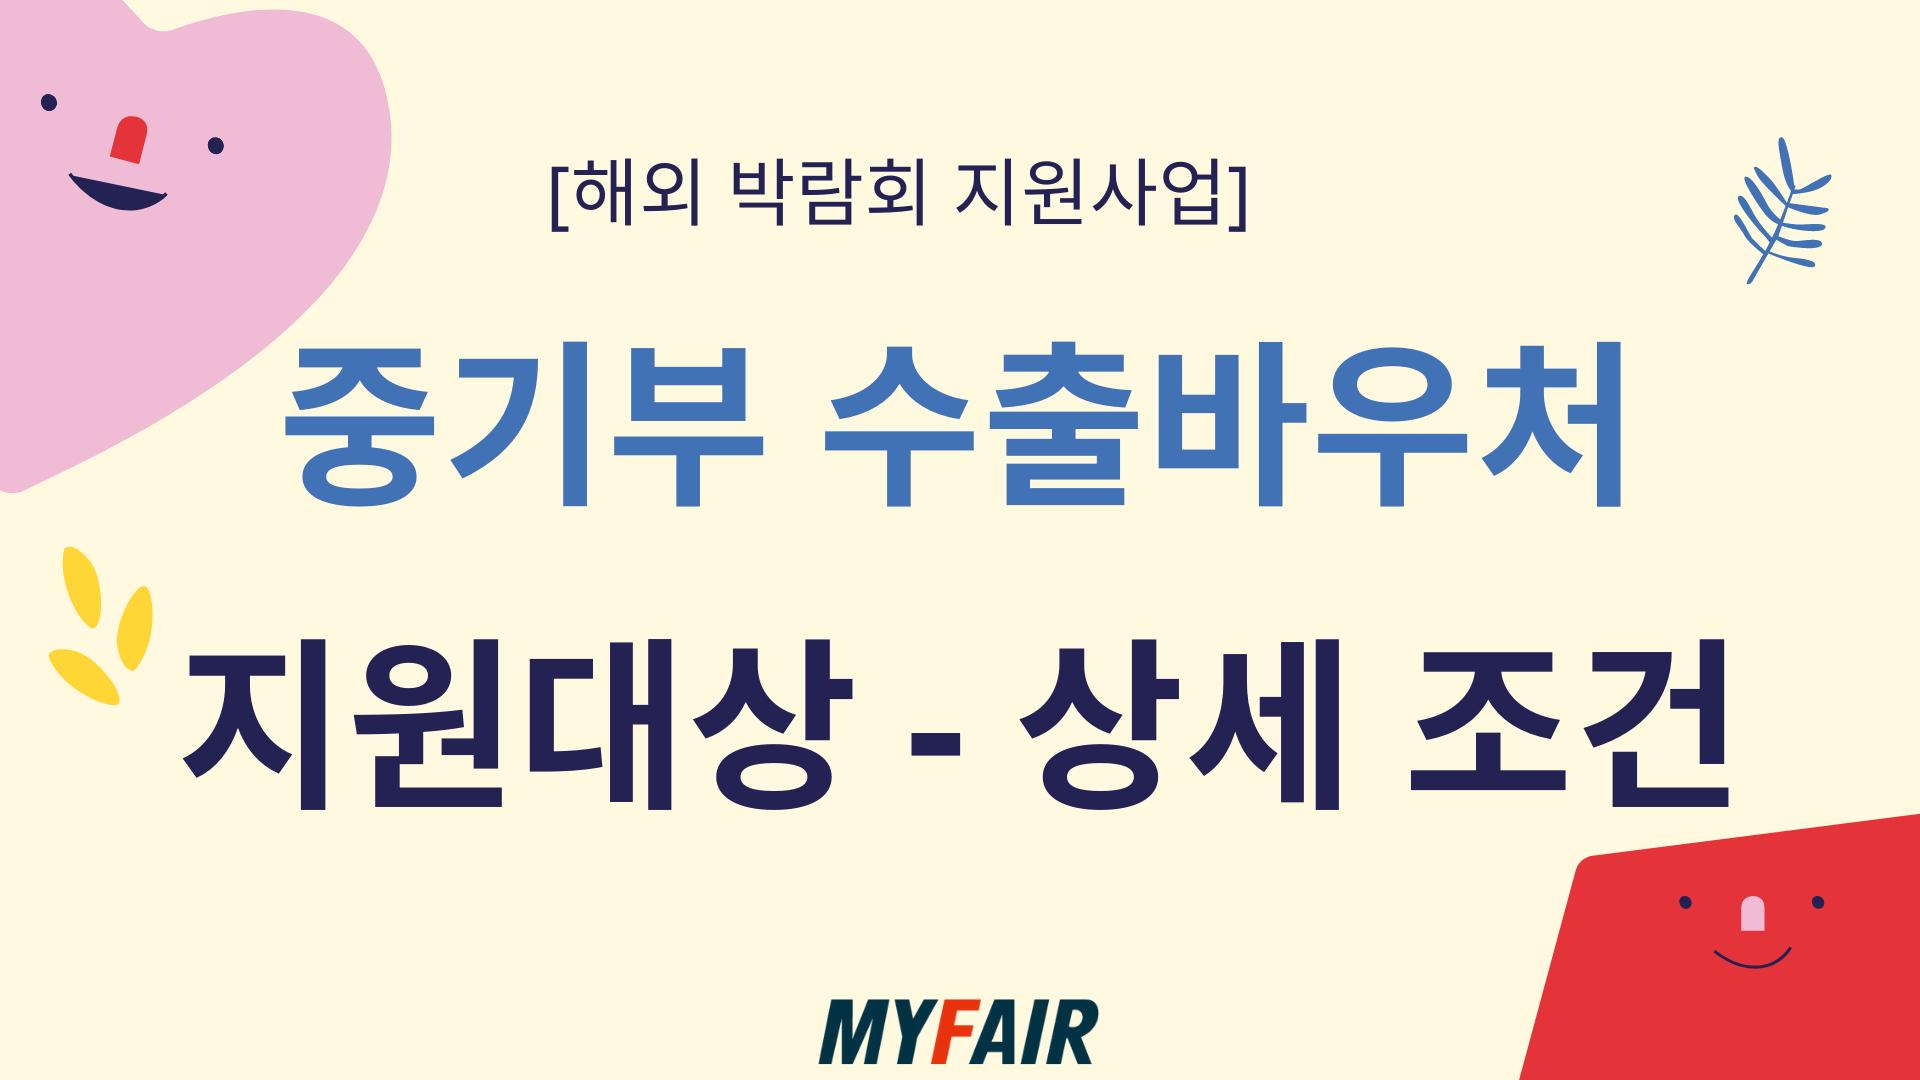 [해외박람회 지원사업 뜯어보기] '중기부 수출바우처' 지원 대상 - 상세 조건